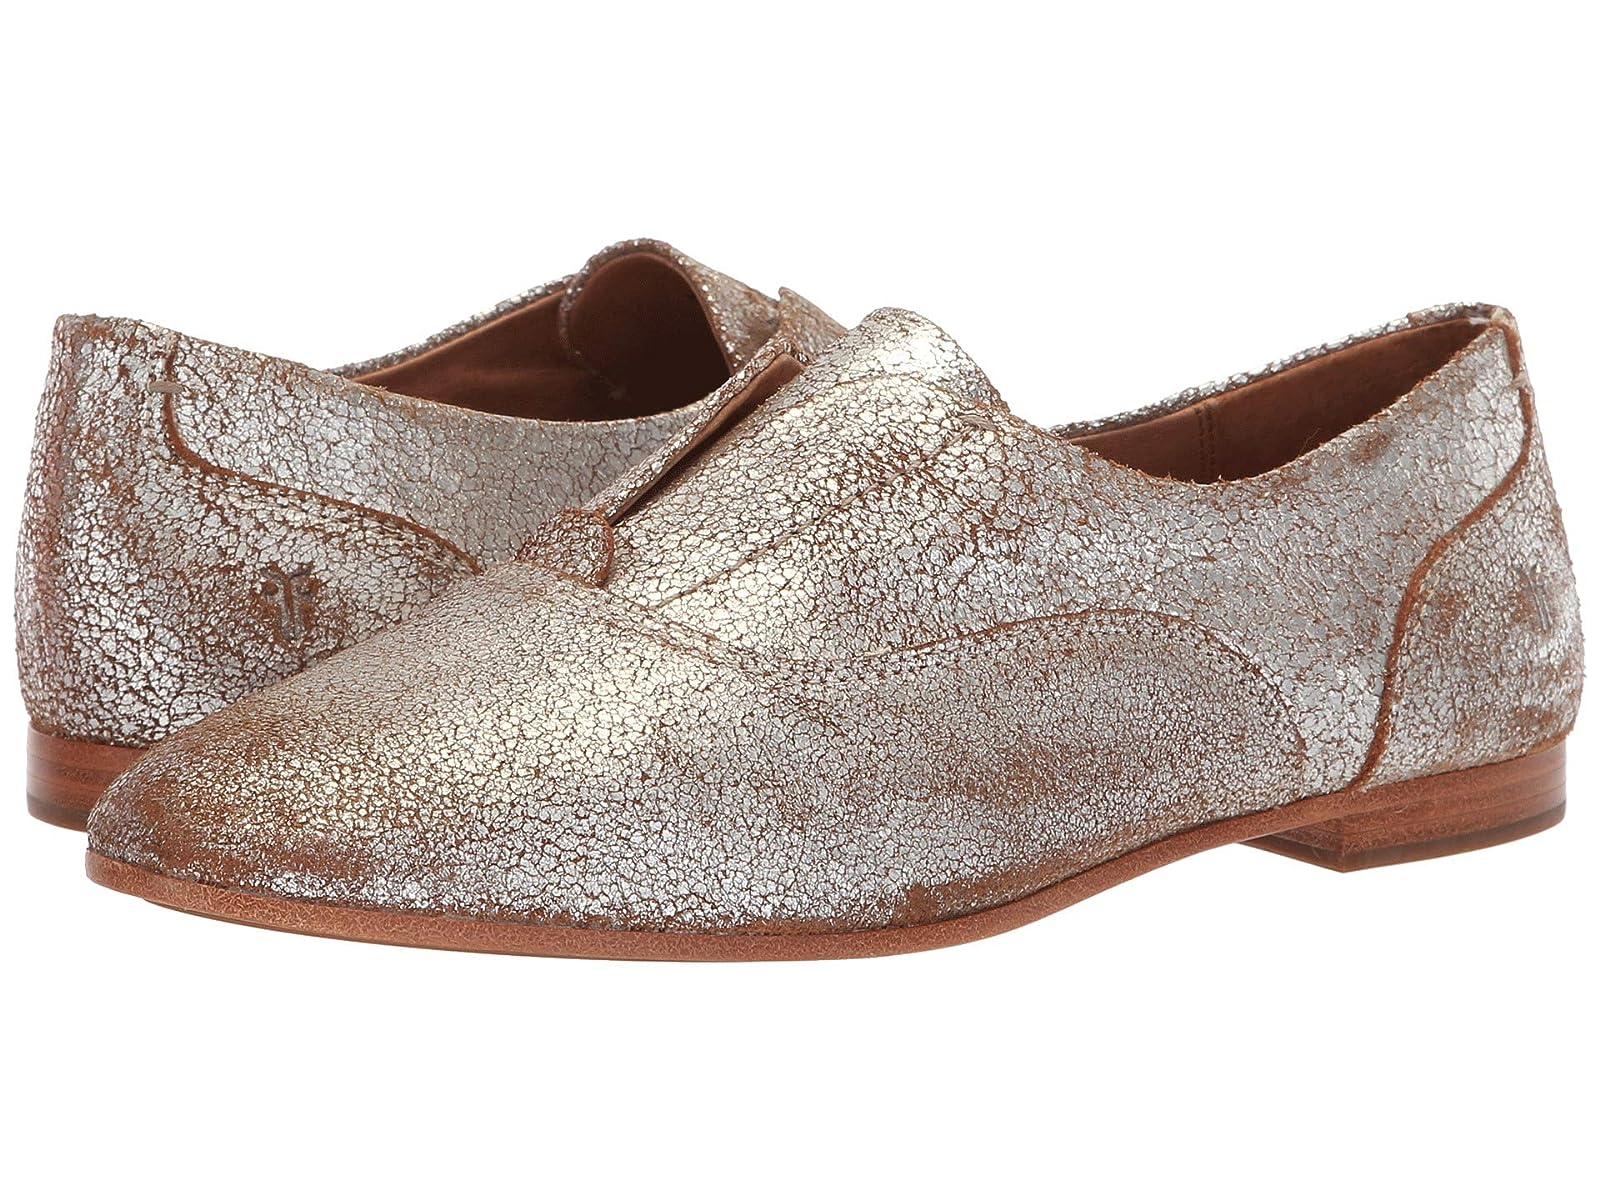 messieurs - dames: popa sandales - votre noir: votre - choix 693129